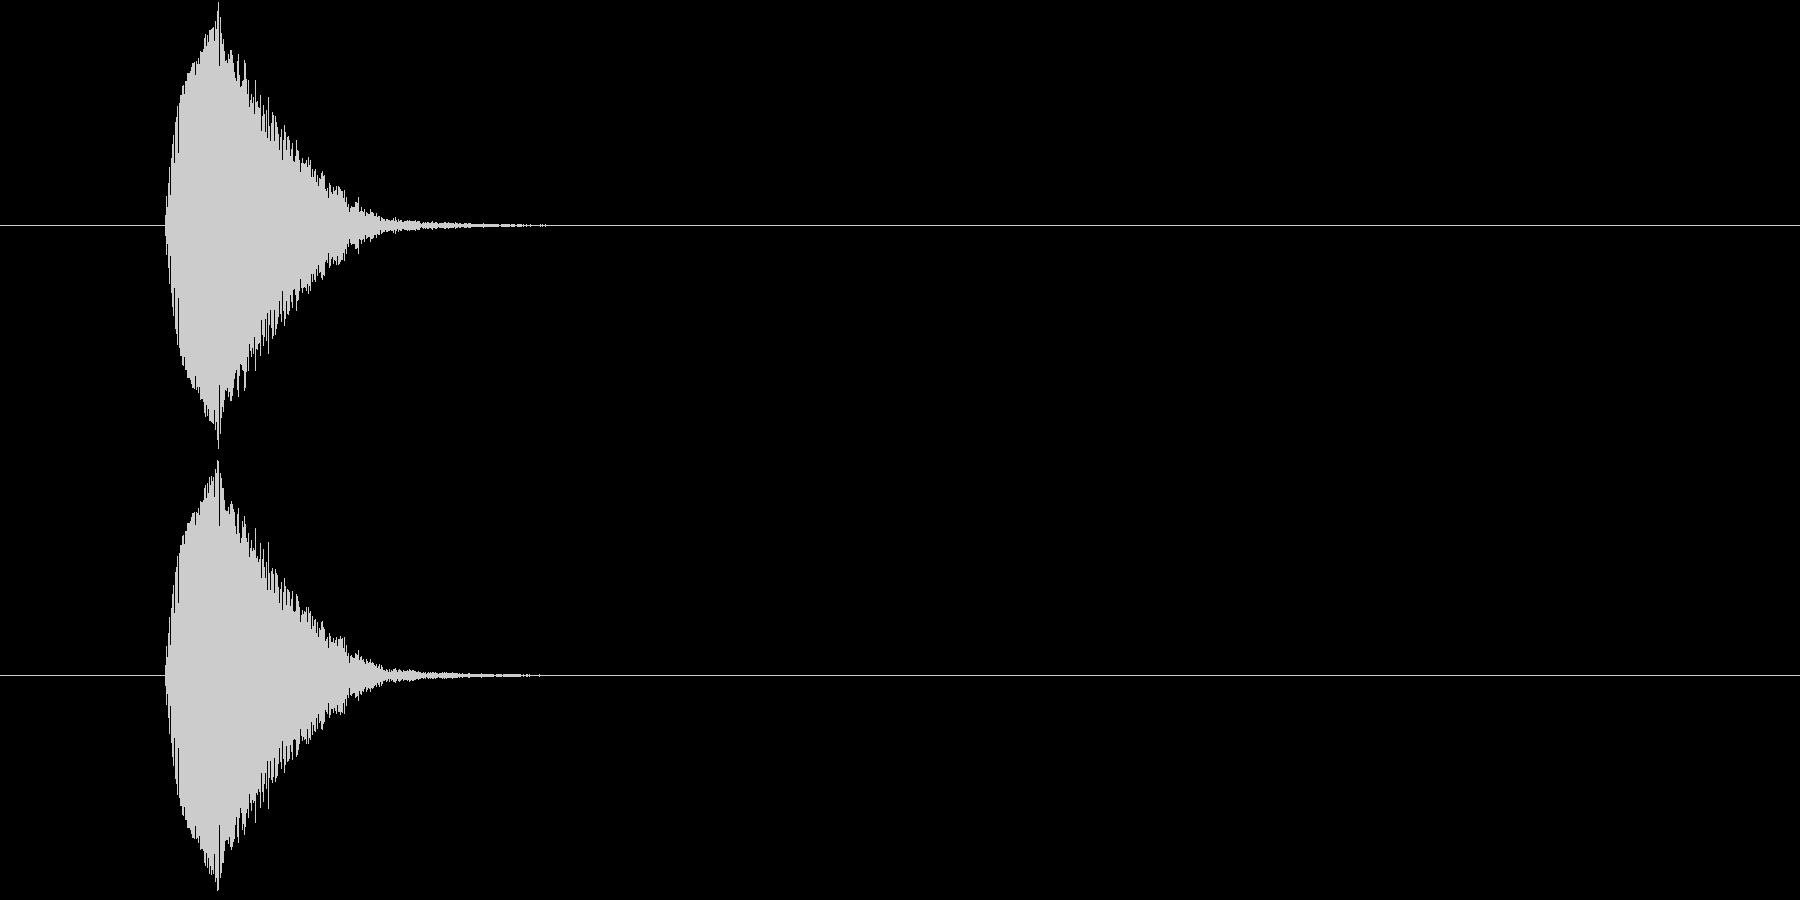 ぴゅわっ(シンセ効果音)の未再生の波形